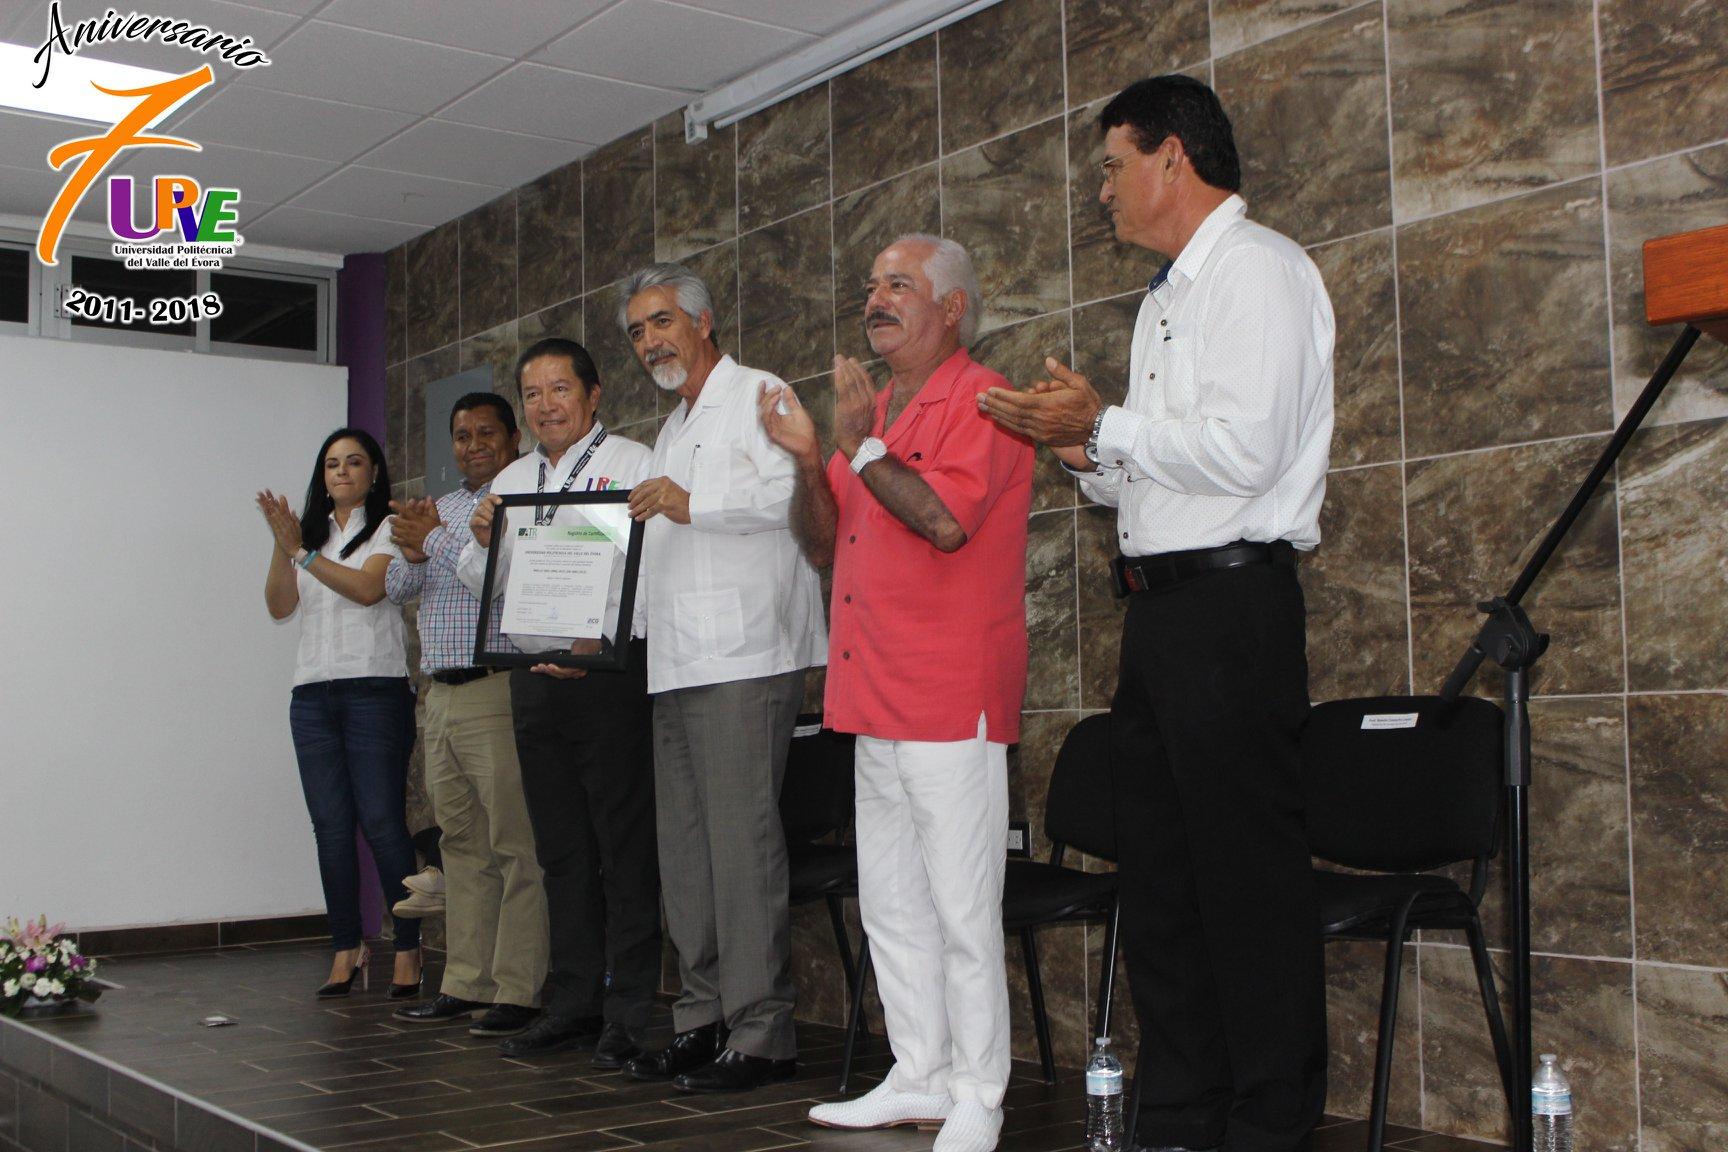 Ceremonia de Entrega de Constancia de Certificación ISO 9001:2015